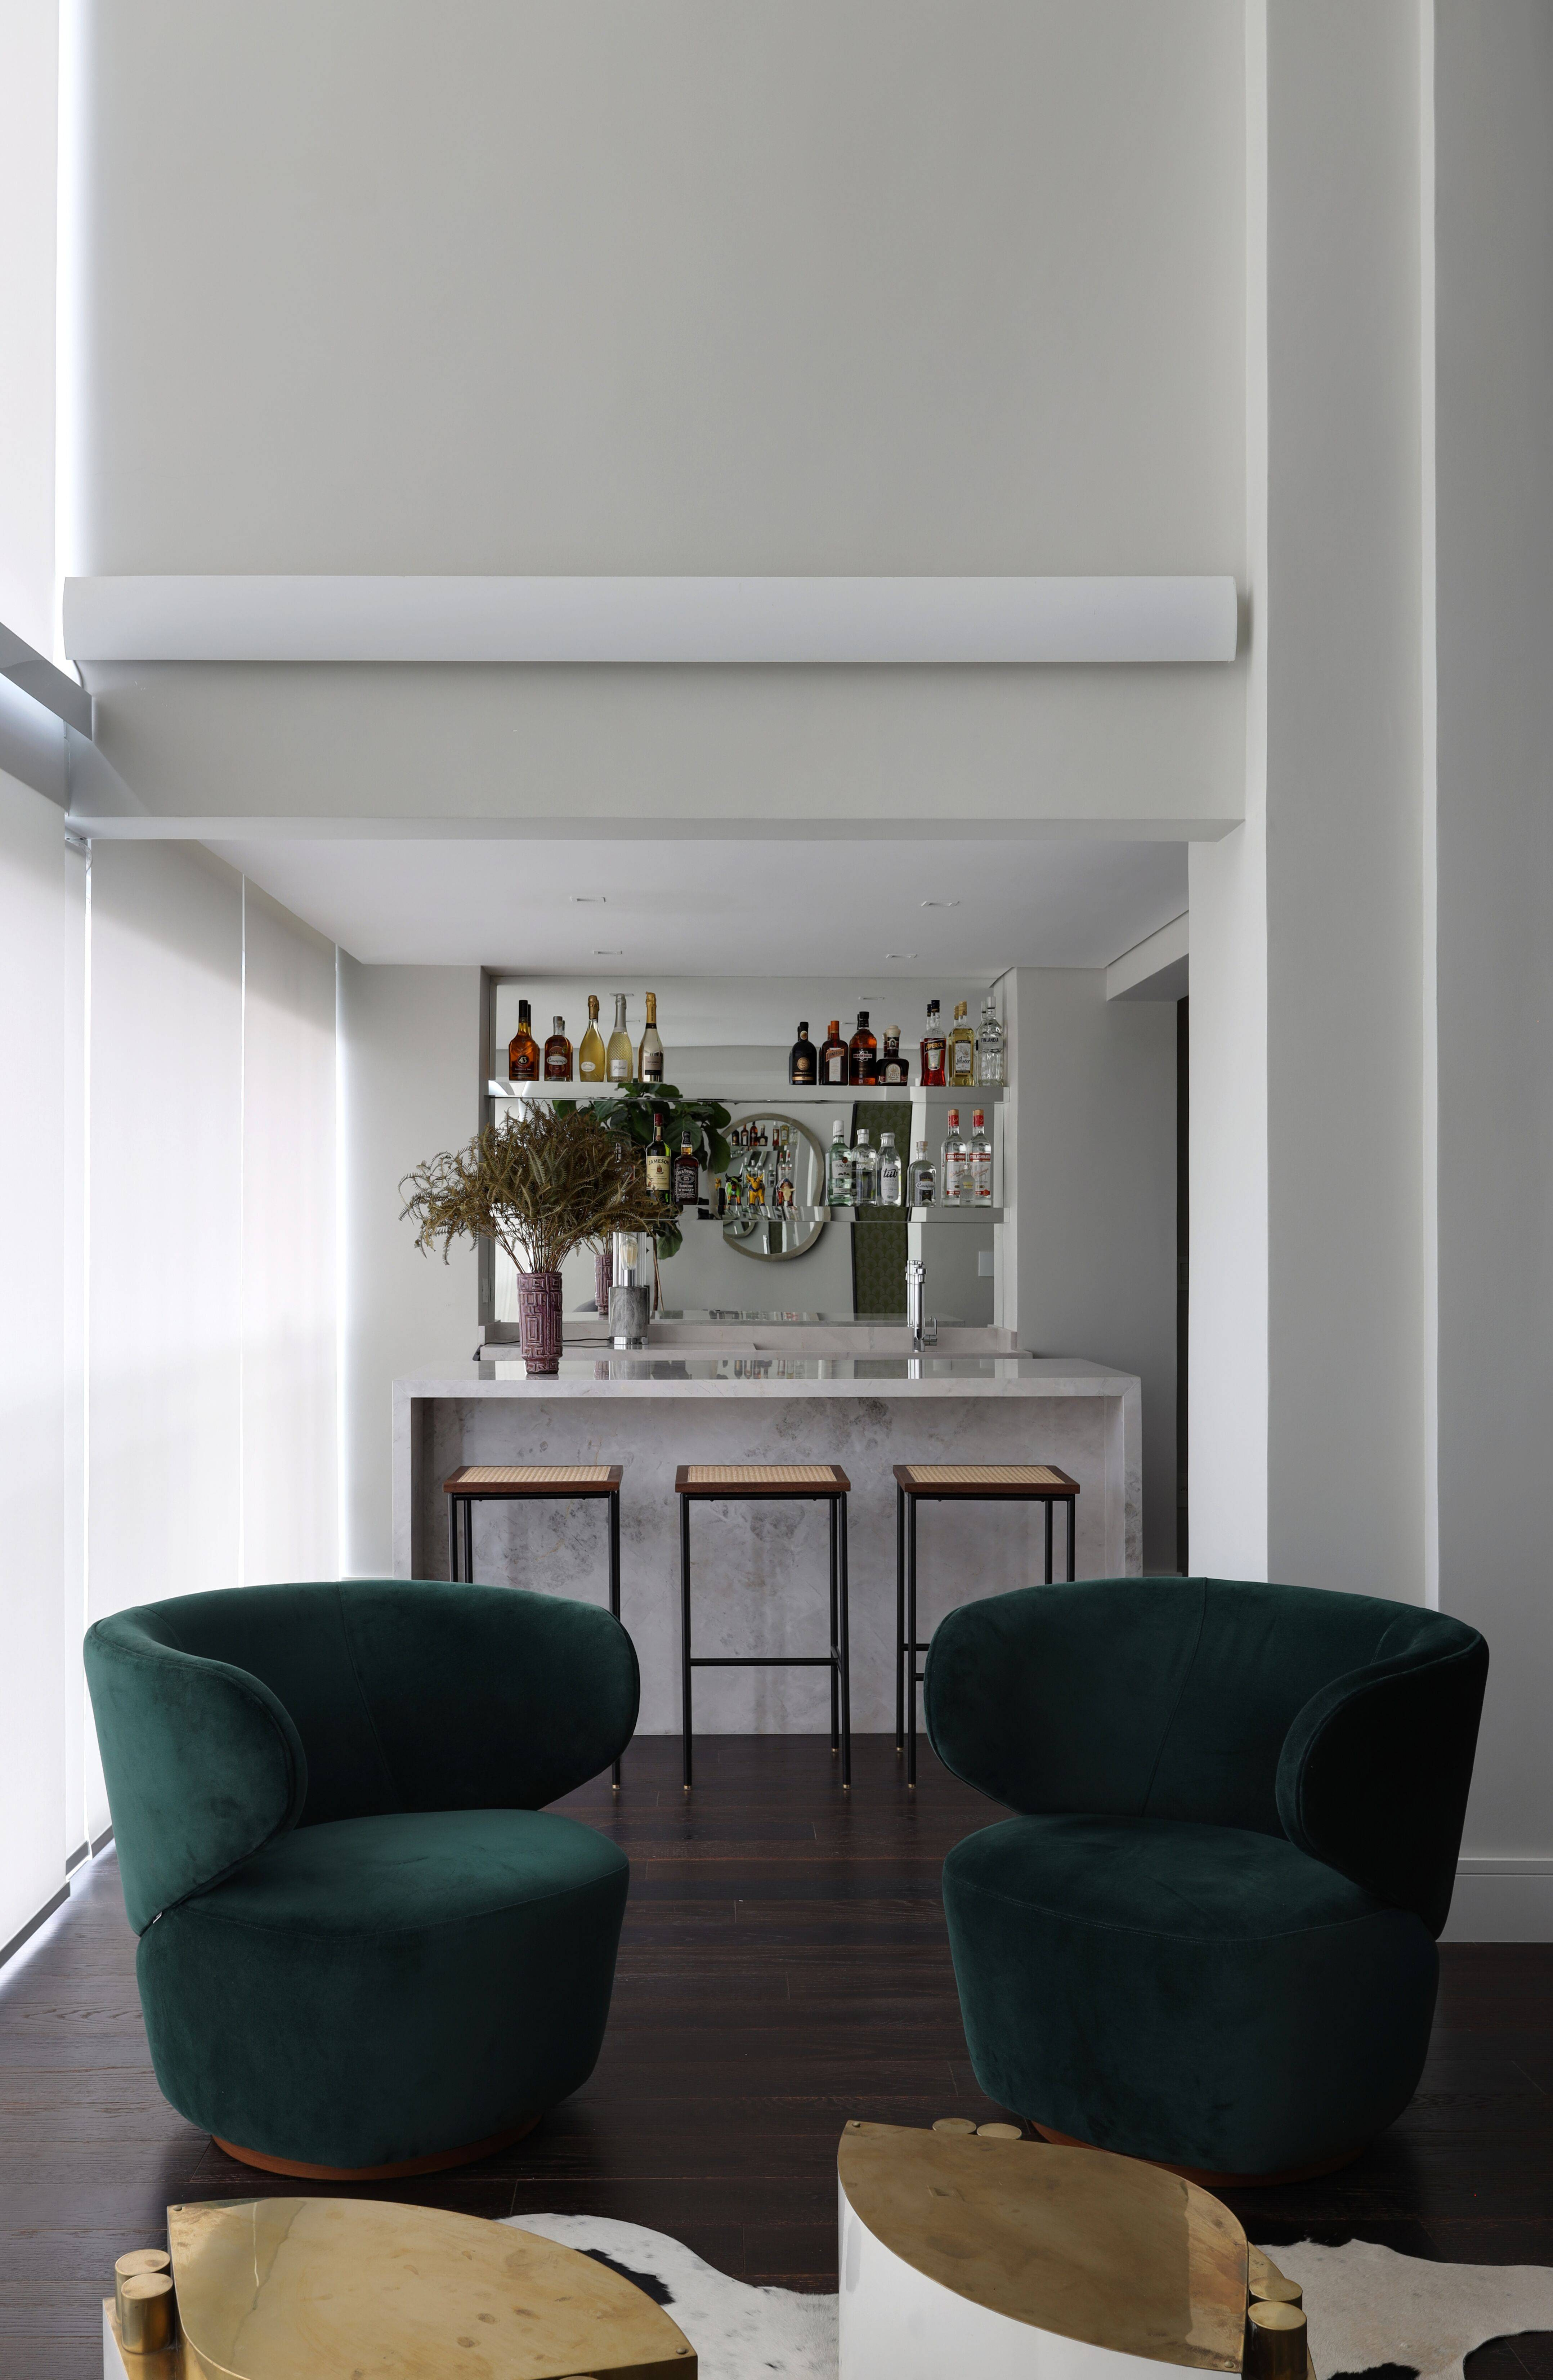 Um generoso bar foi montado com bancada de mármore e prateleiras espelhadas, em um lounge despojado com poltrona e mesas de apoio.